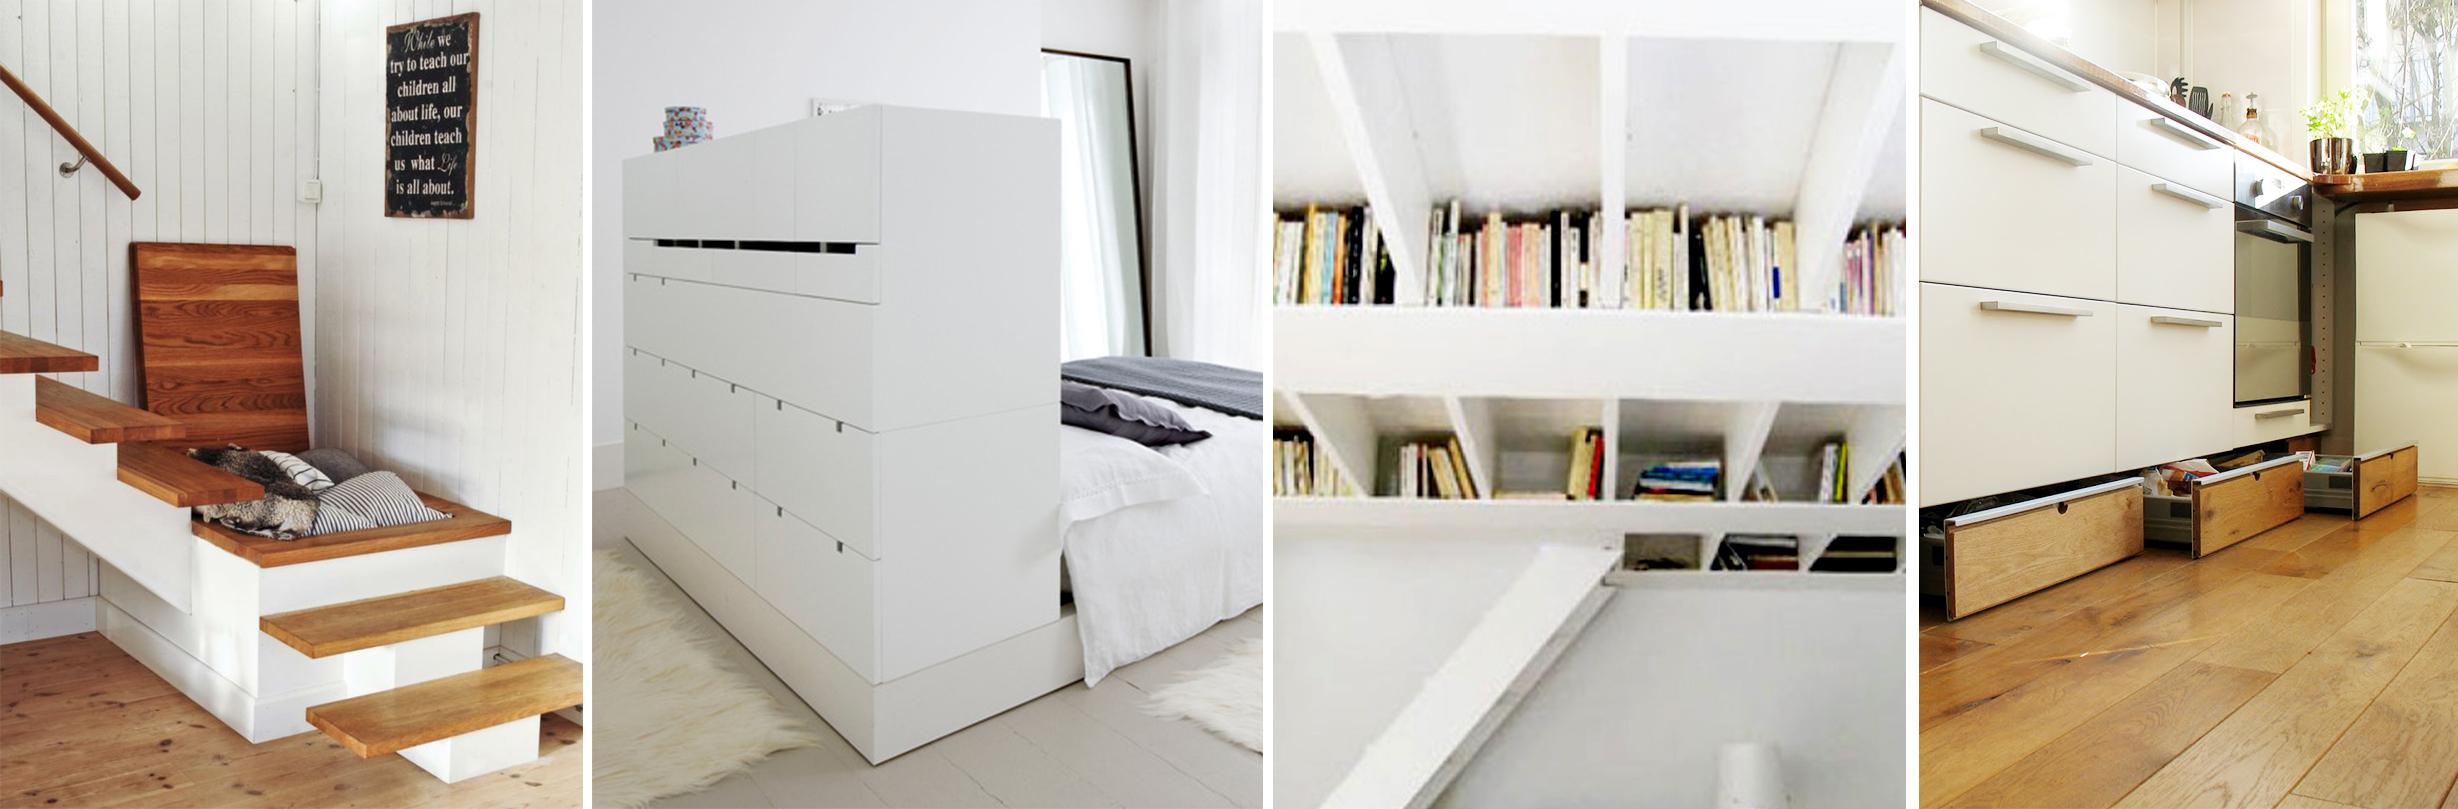 Een kleinere woning voor energiebesparing